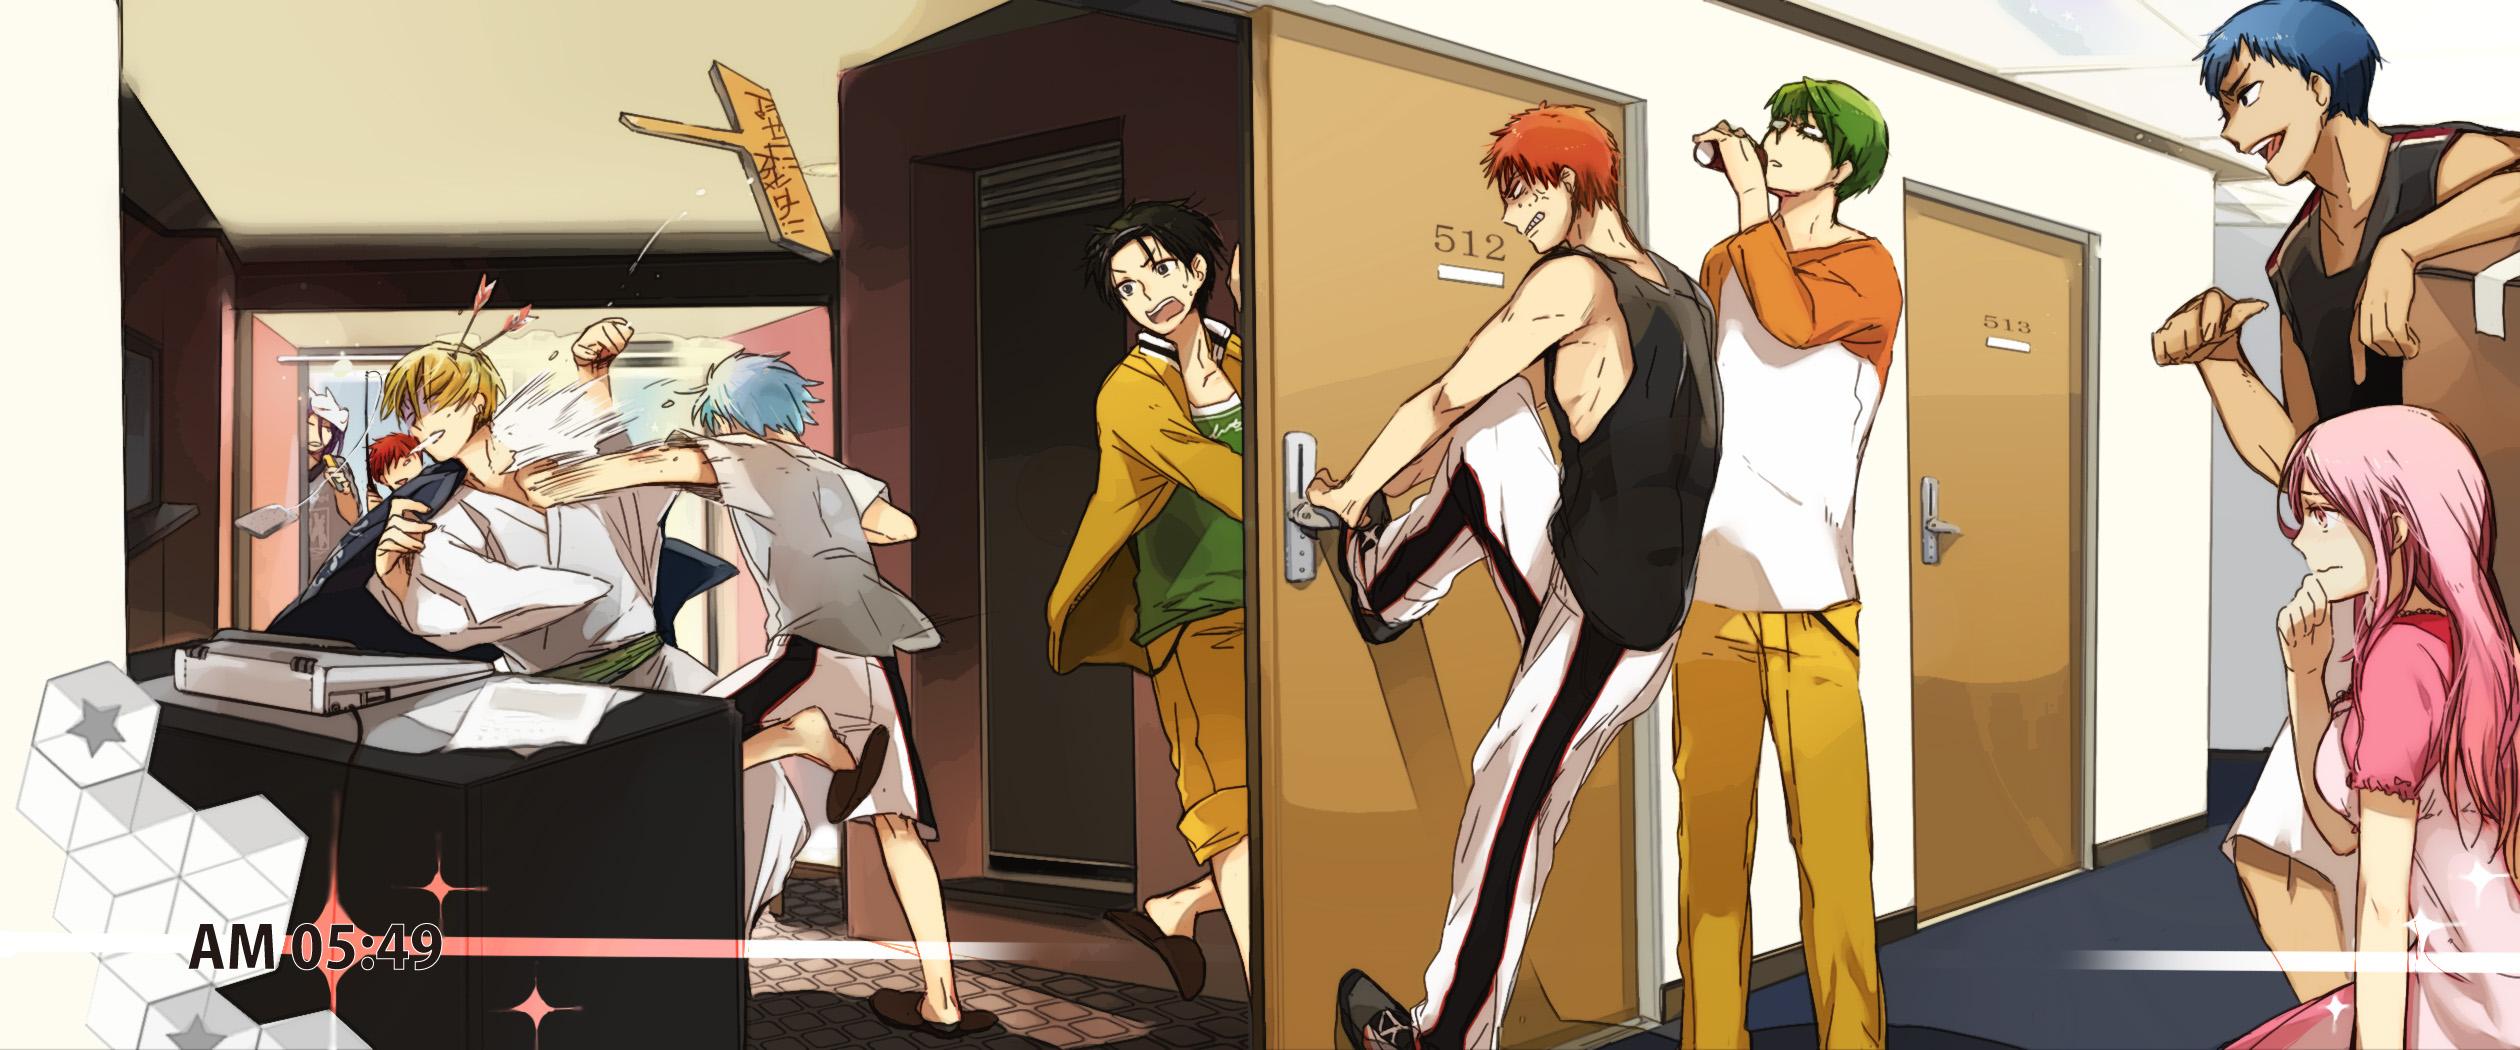 Kuroko no basuke kurokos basketball zerochan anime image board kuroko no basuke download kuroko no basuke image voltagebd Images